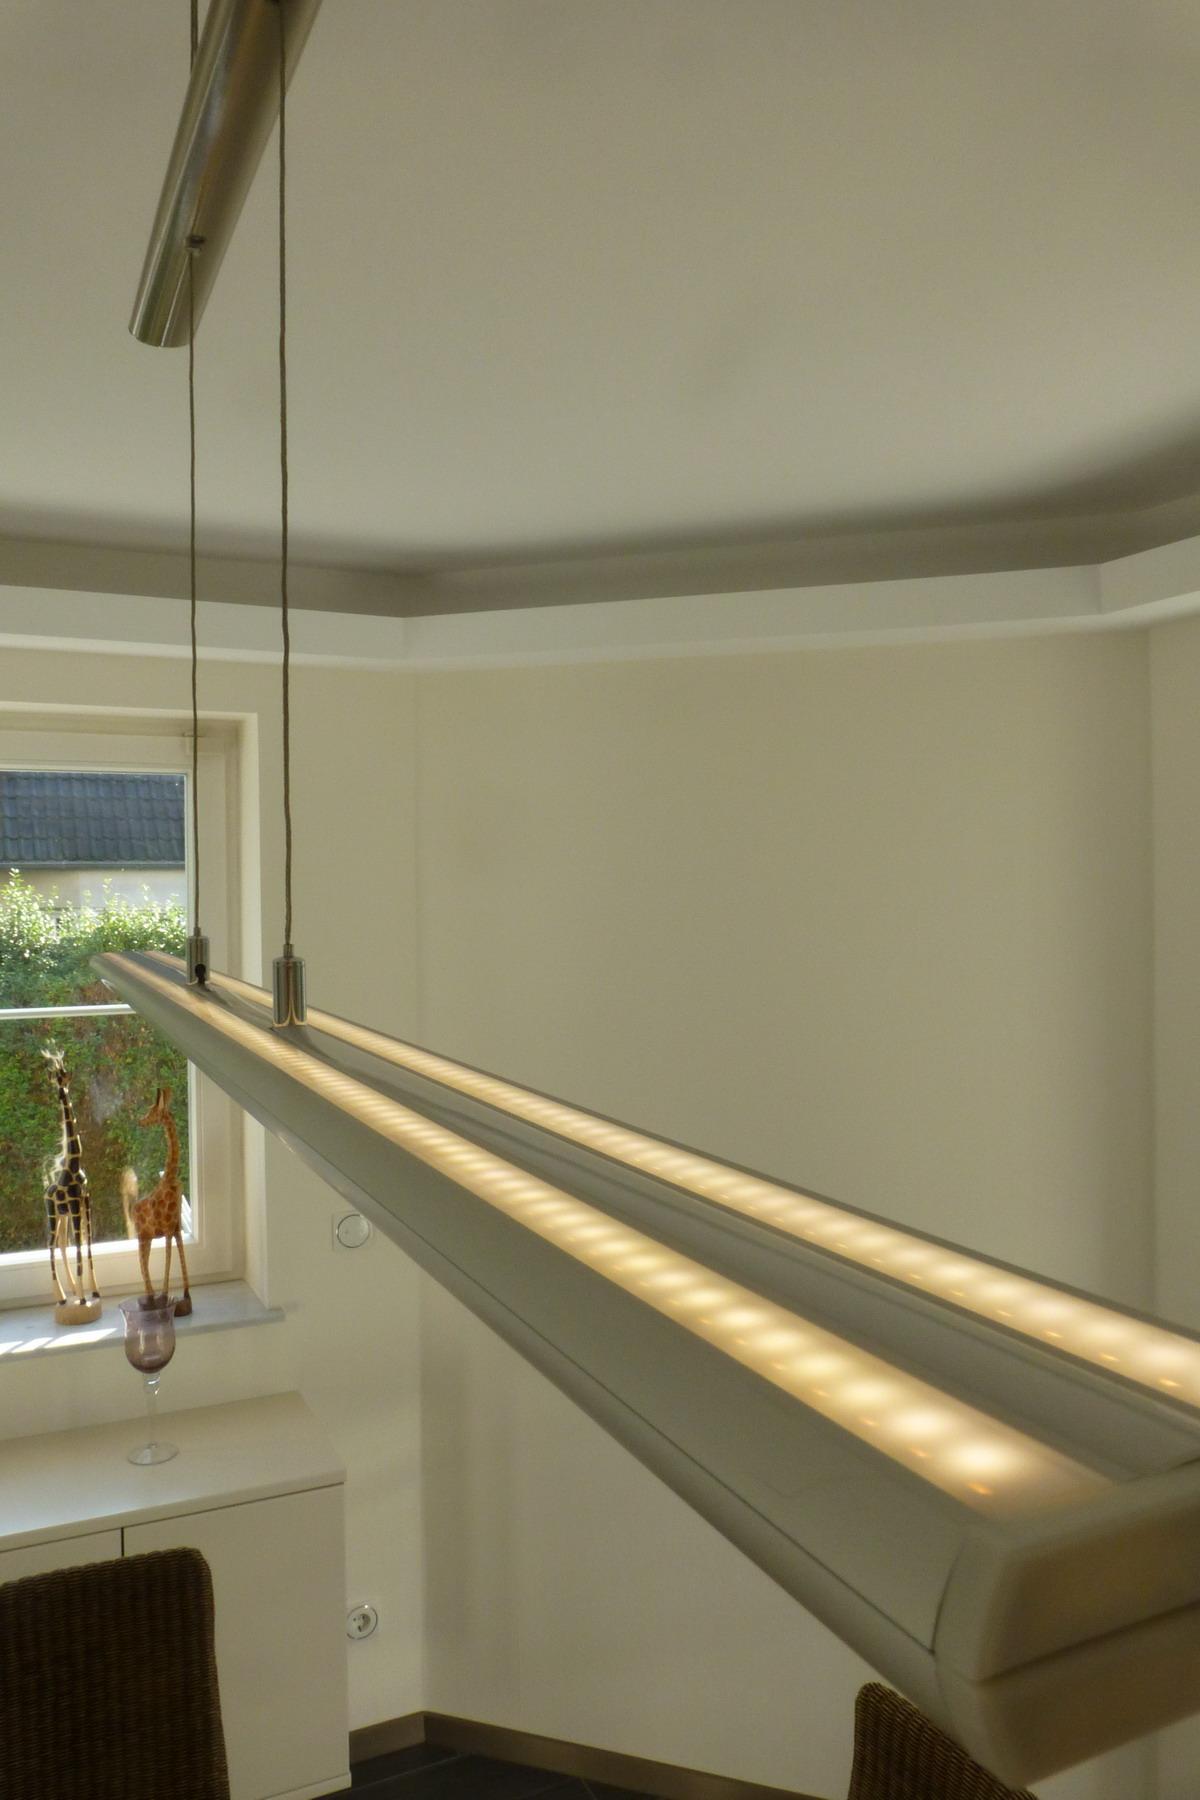 Full Size of Plexiglas Led Panel Schlafzimmer Lampe Wohnzimmer Dekoration Spiegellampe Bad Indirekte Beleuchtung Deckenlampen Für Deckenlampe Deckenleuchte Küche Teppich Wohnzimmer Wohnzimmer Led Lampe